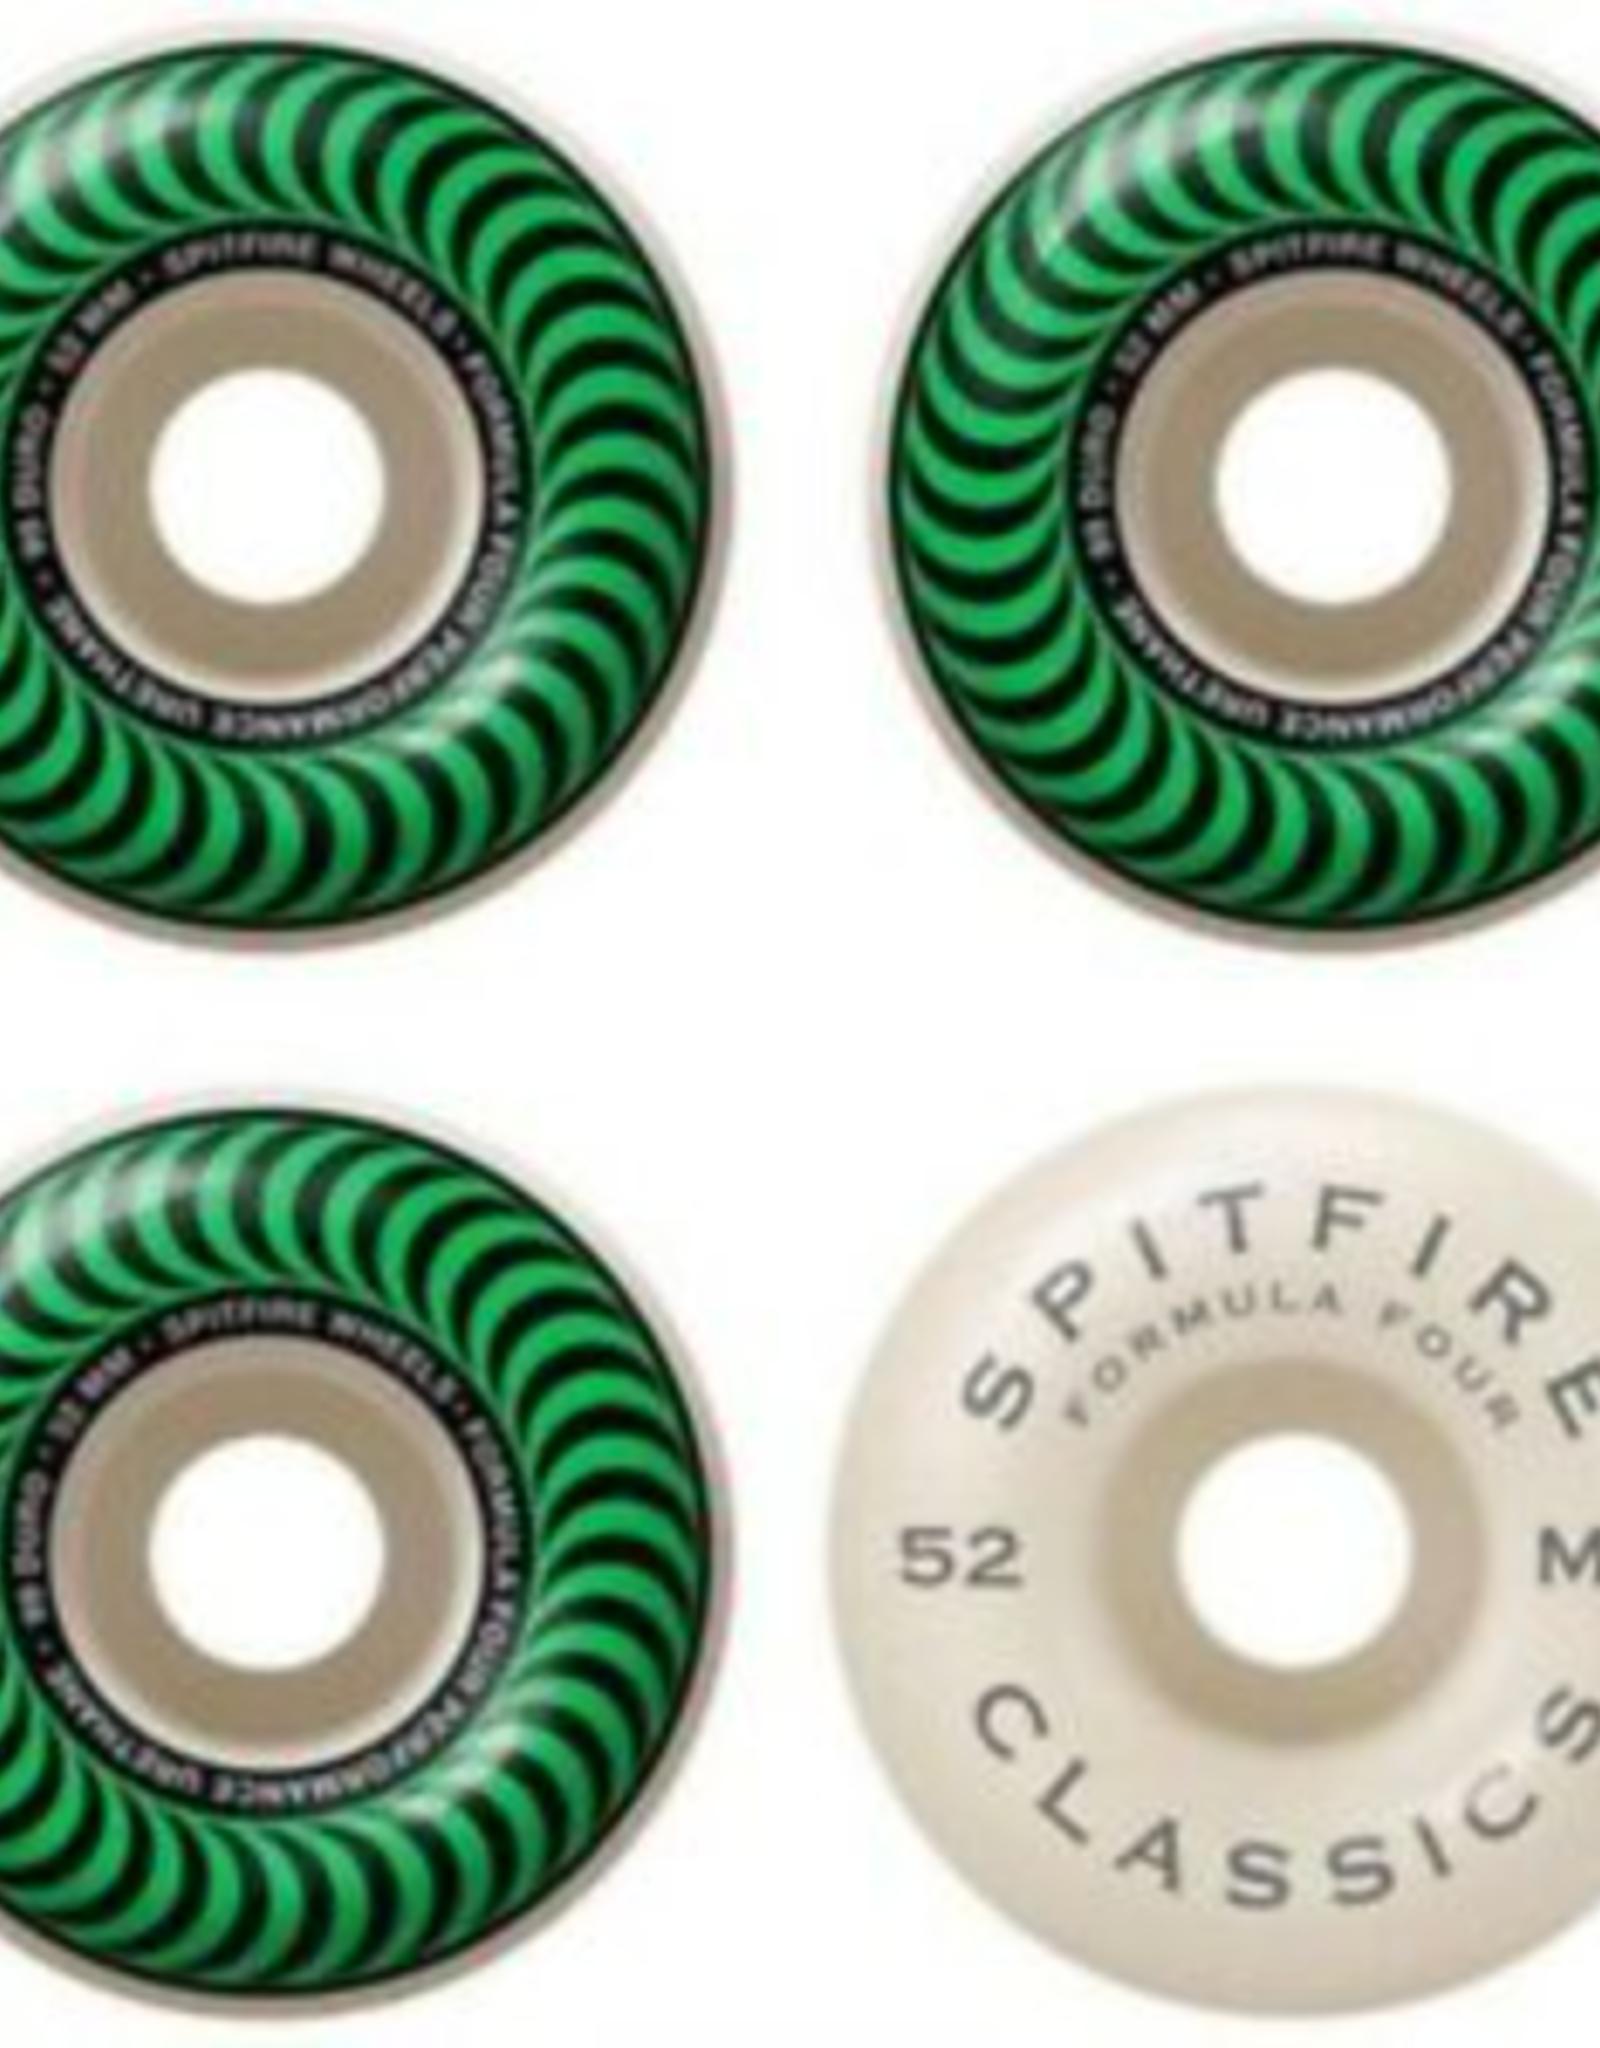 Spitfire SPITFIRE FORMULA FOUR CLASSICS 99D 52MM GREEN SWIRL